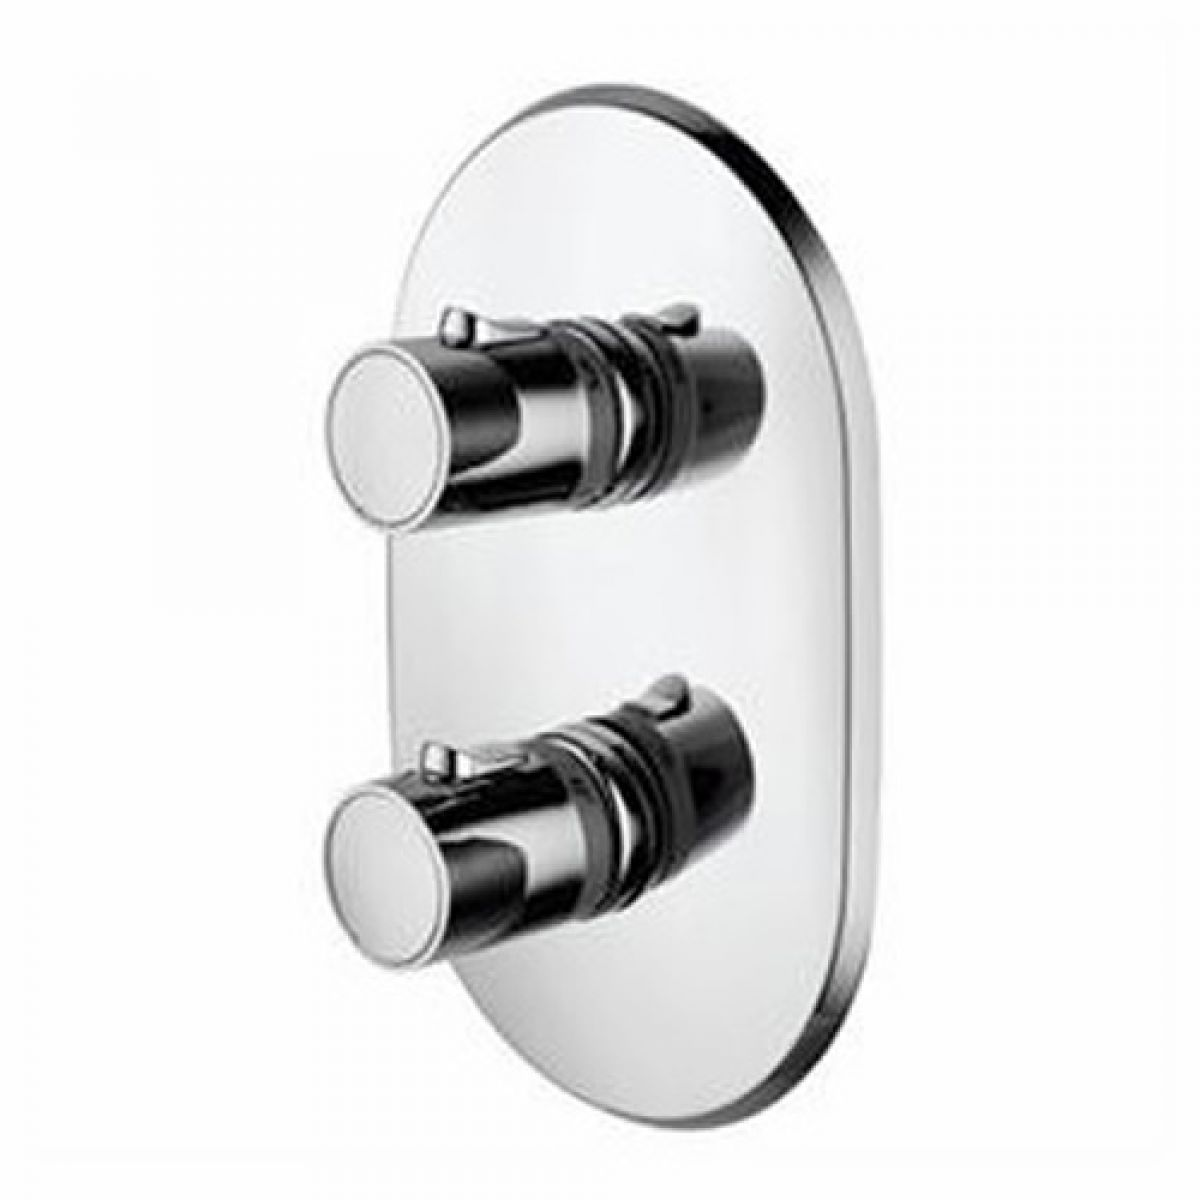 Exelent Trevi Shower Valves Model - Bathroom and Shower Ideas ...